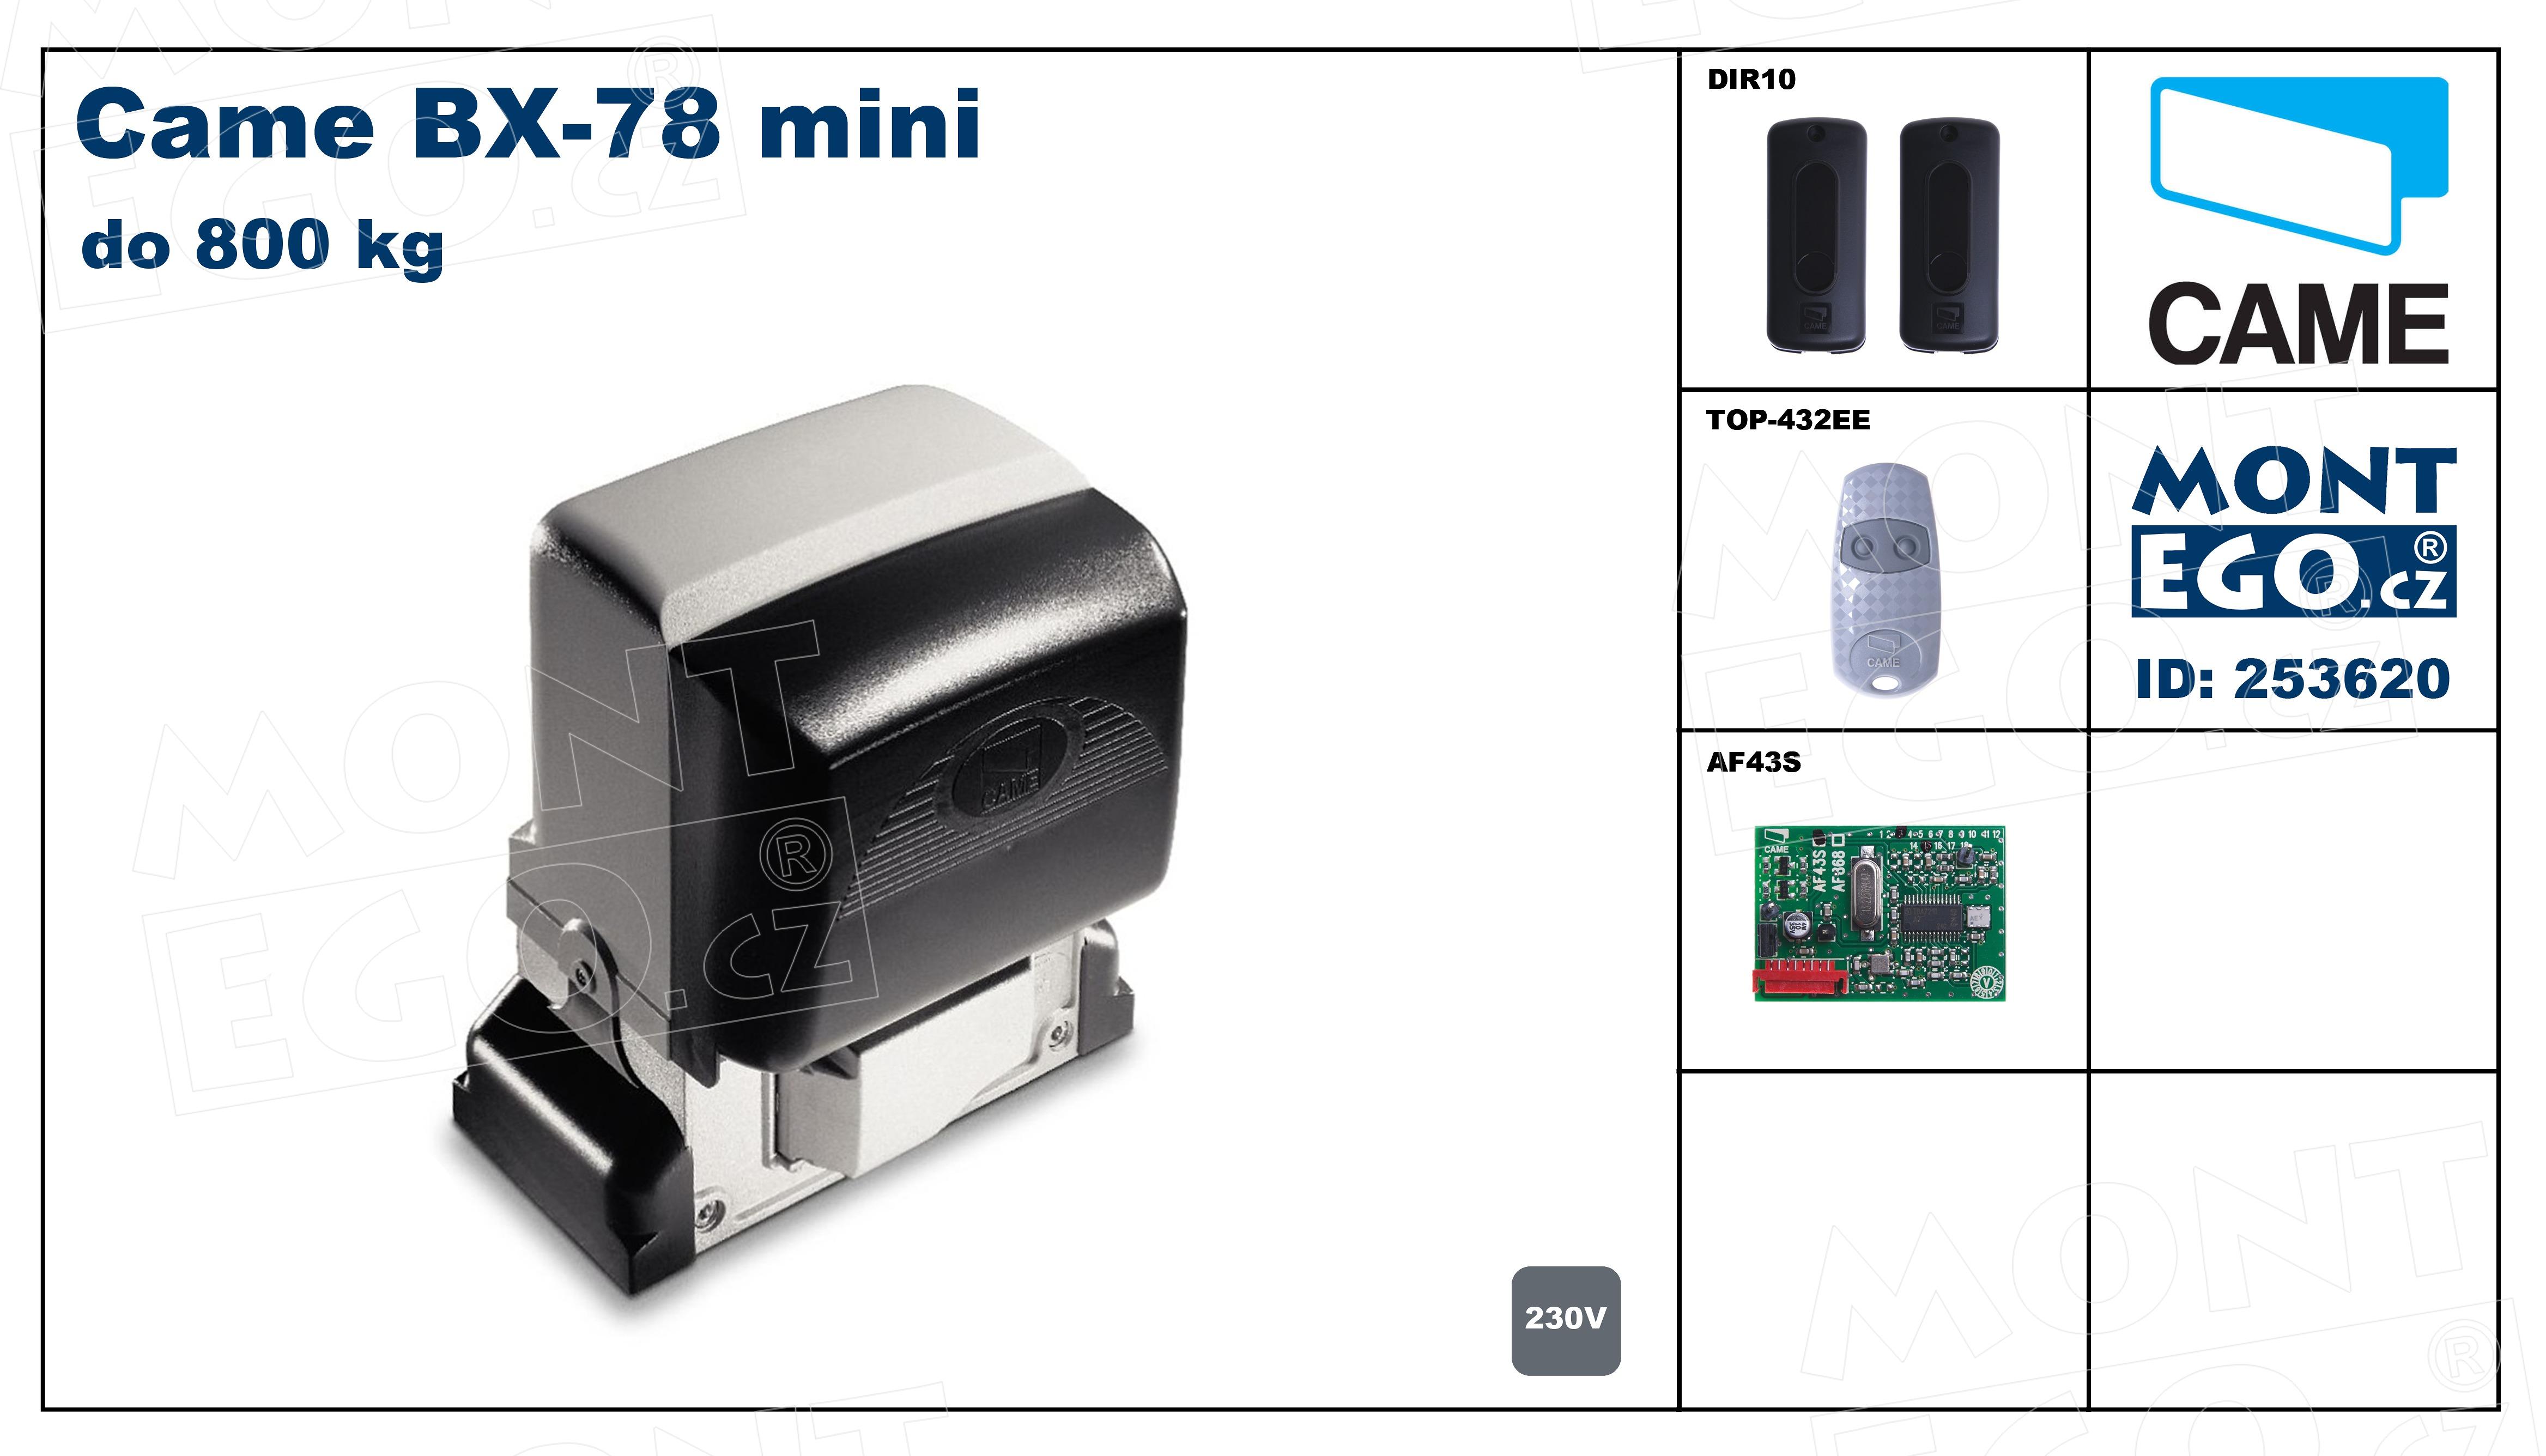 Sada pohonu posuvné brány Came BX-78 mini, set do 800 Kg vč. dálkového ovládání